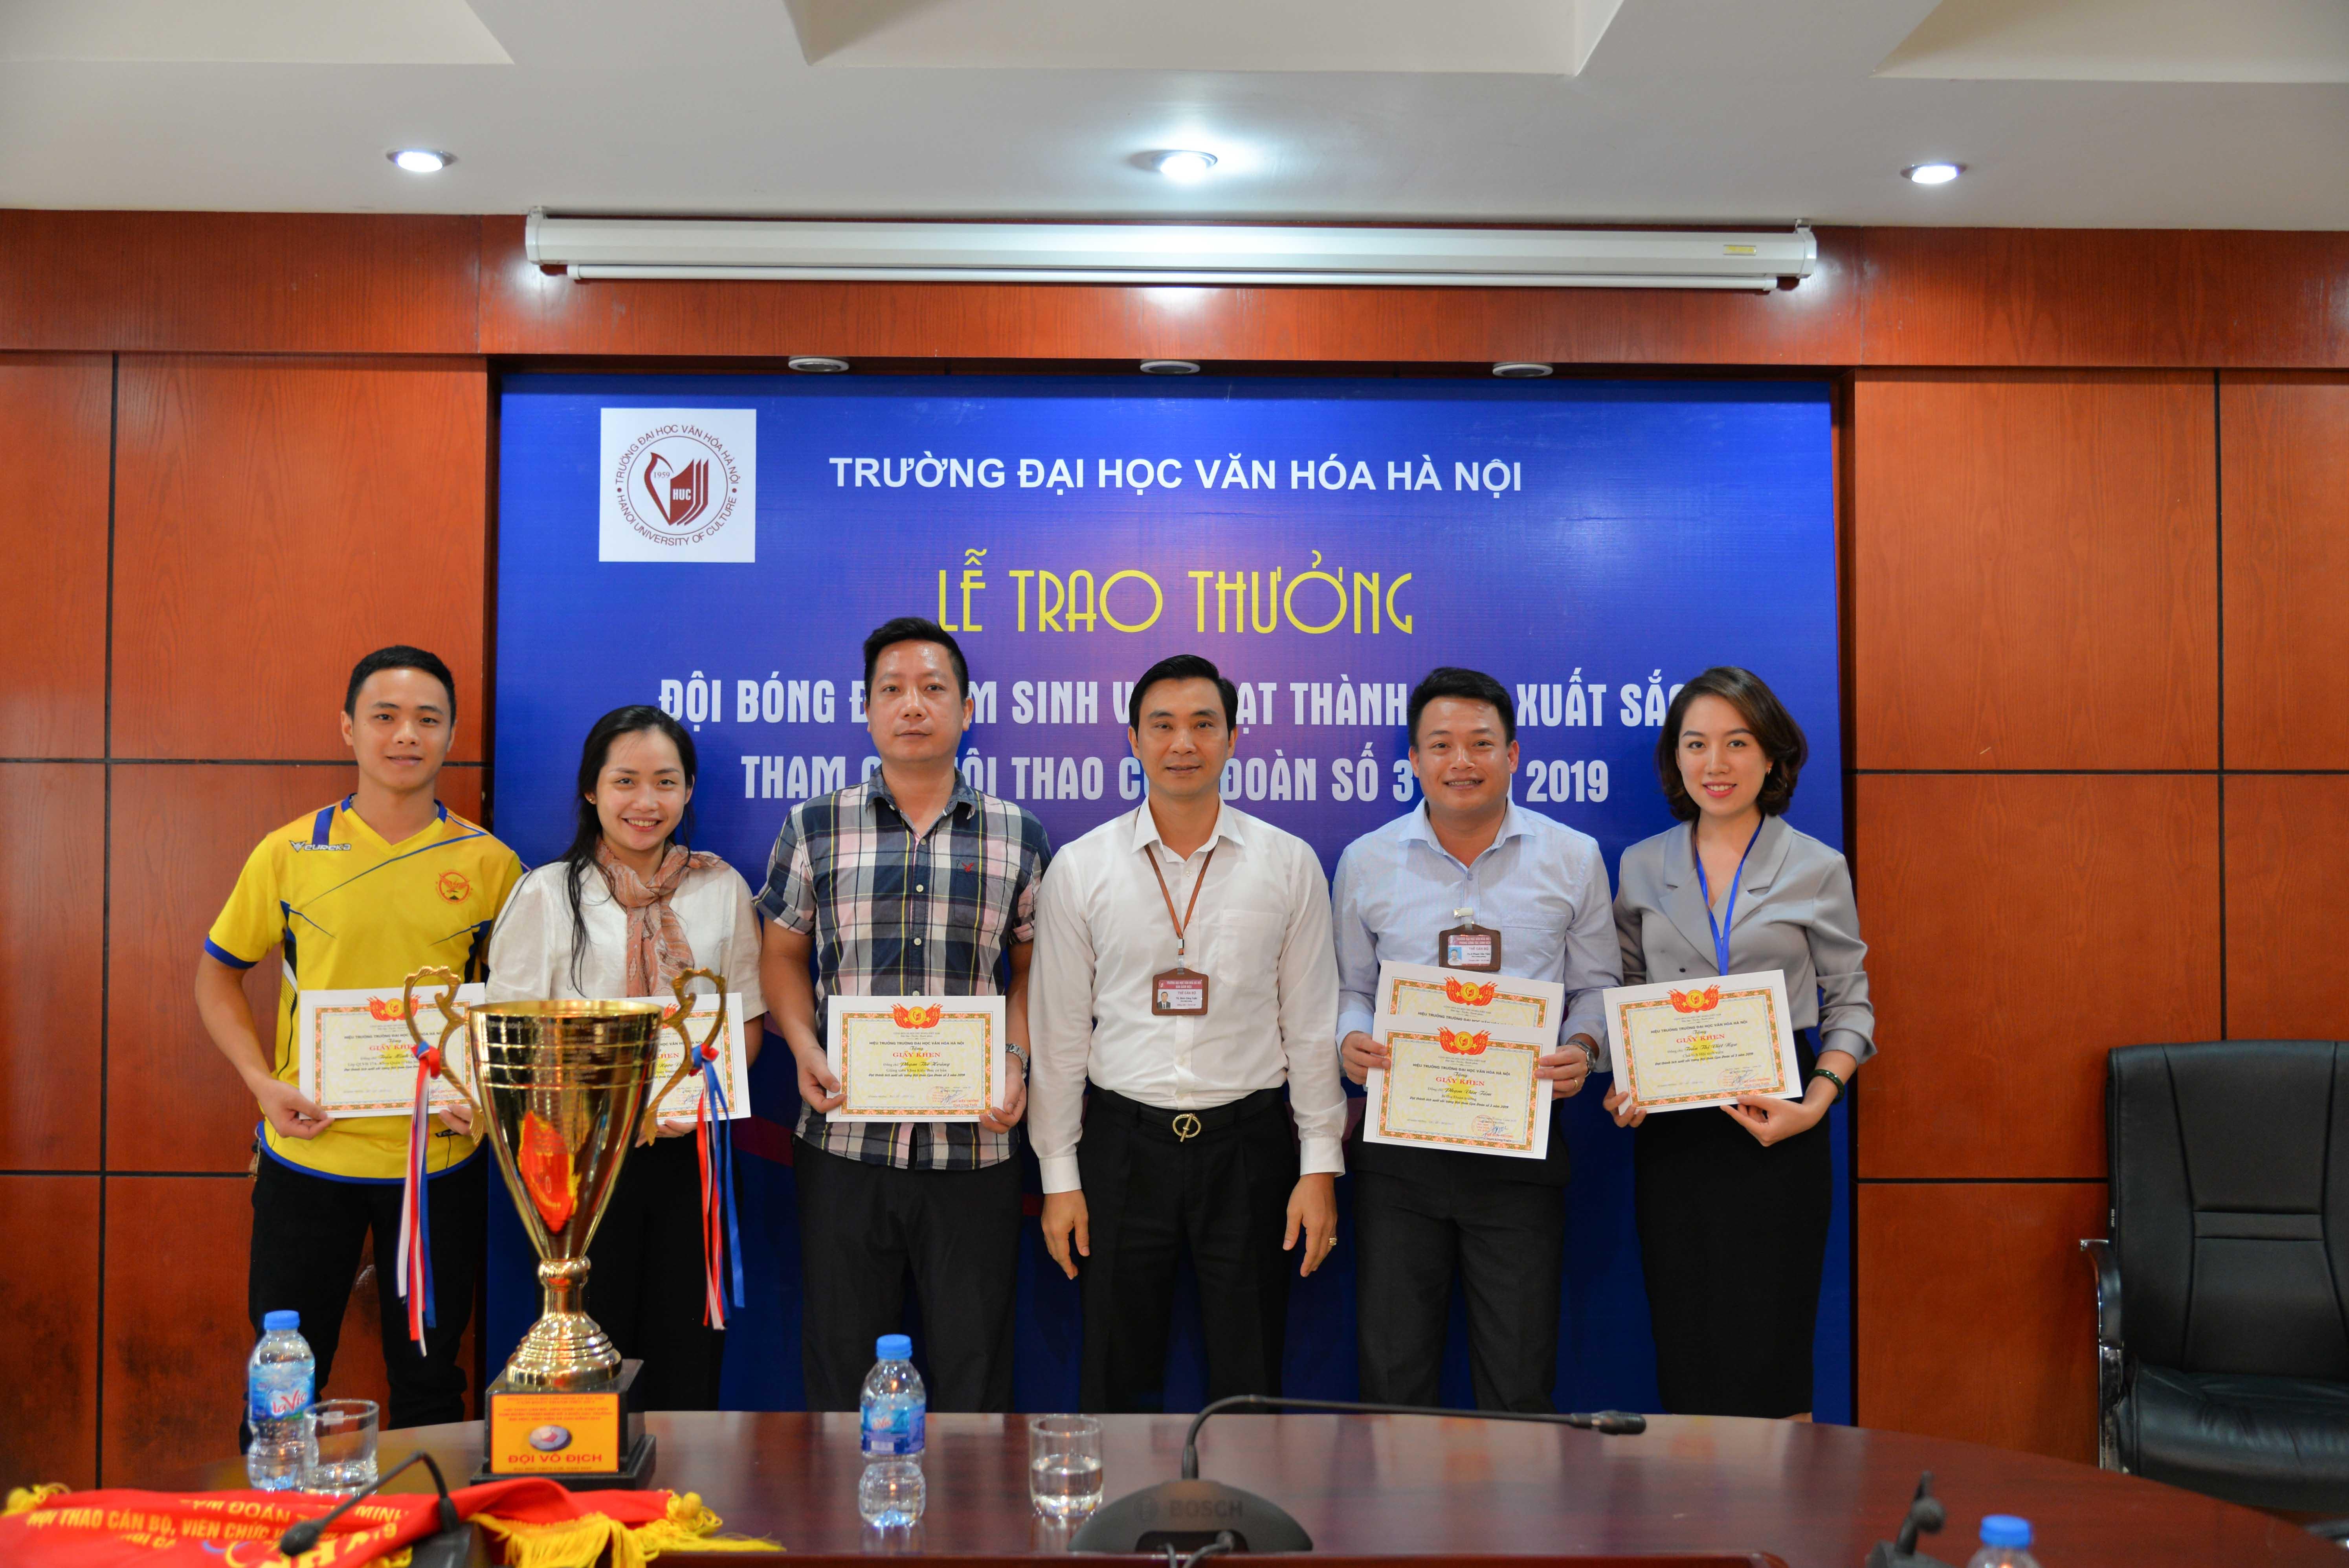 Lễ trao thưởng đội bóng đá nam sinh viên đạt thành tích xuất sắc tham gia Hội thao Cụm Công đoàn số 3 năm 2019